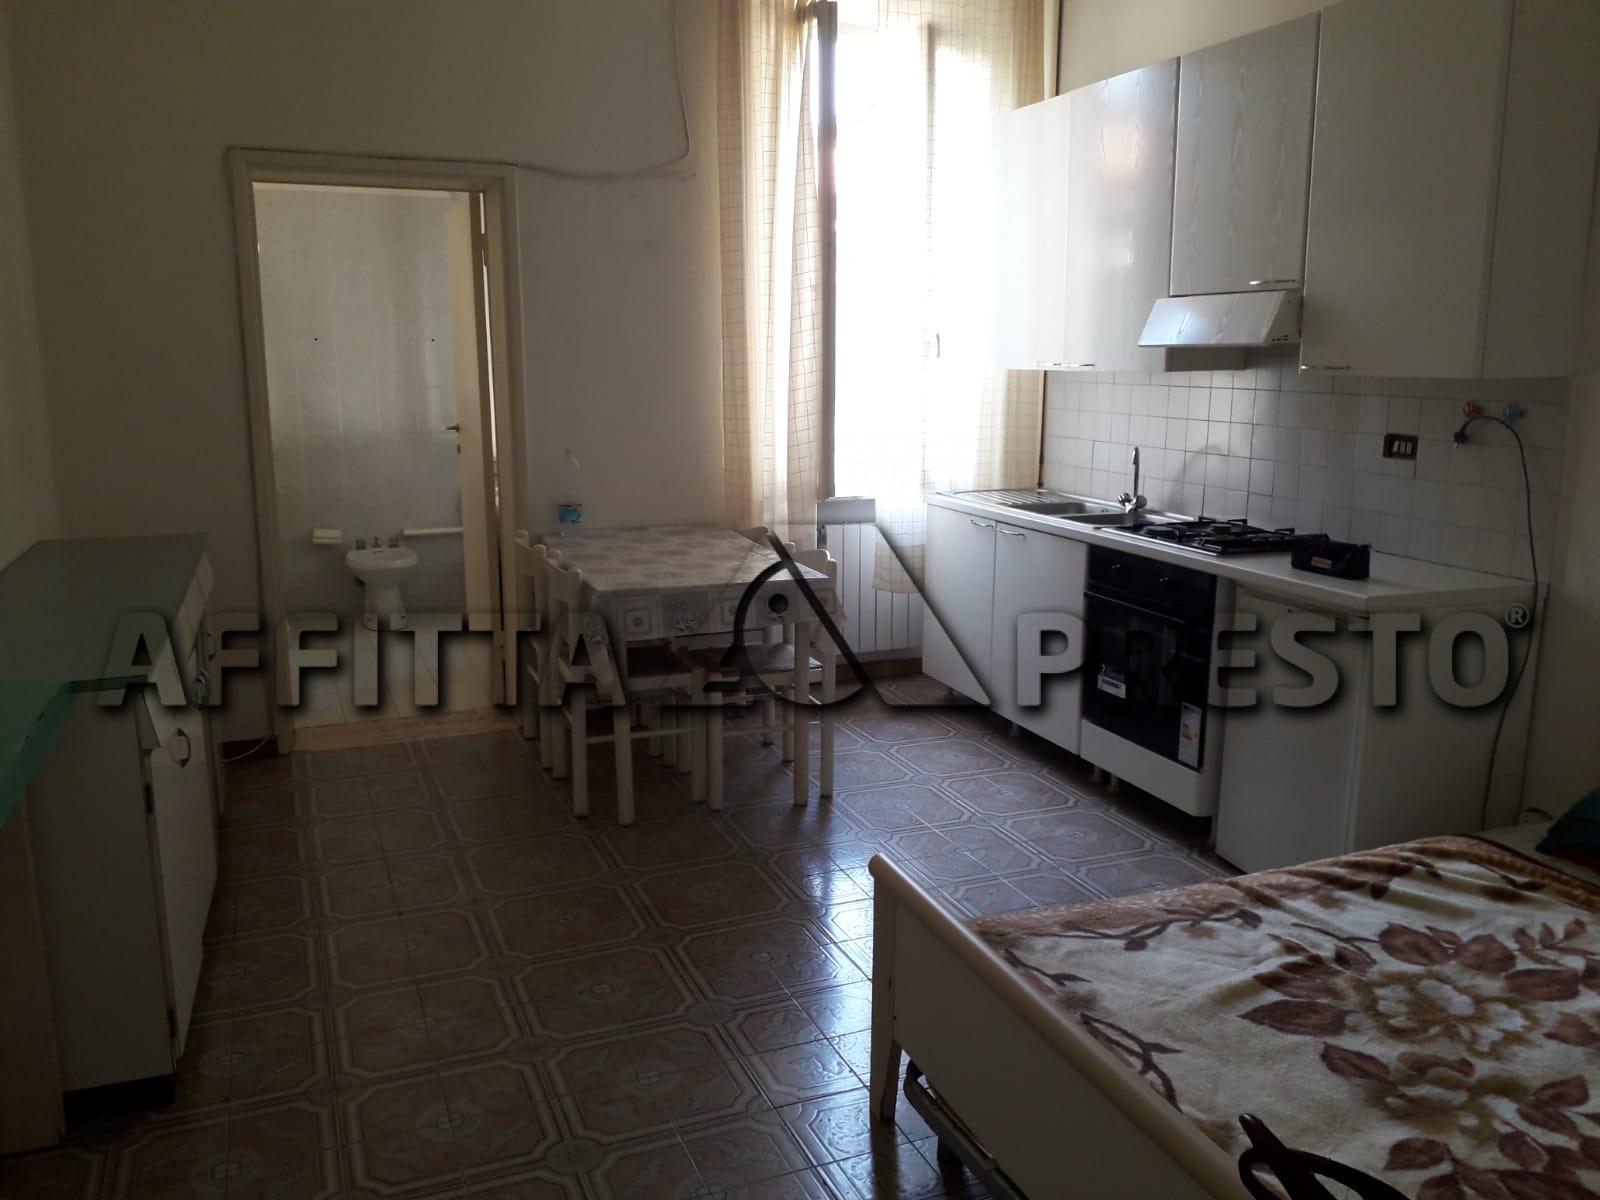 Appartamento in affitto residenziale - Casciavola, Cascina